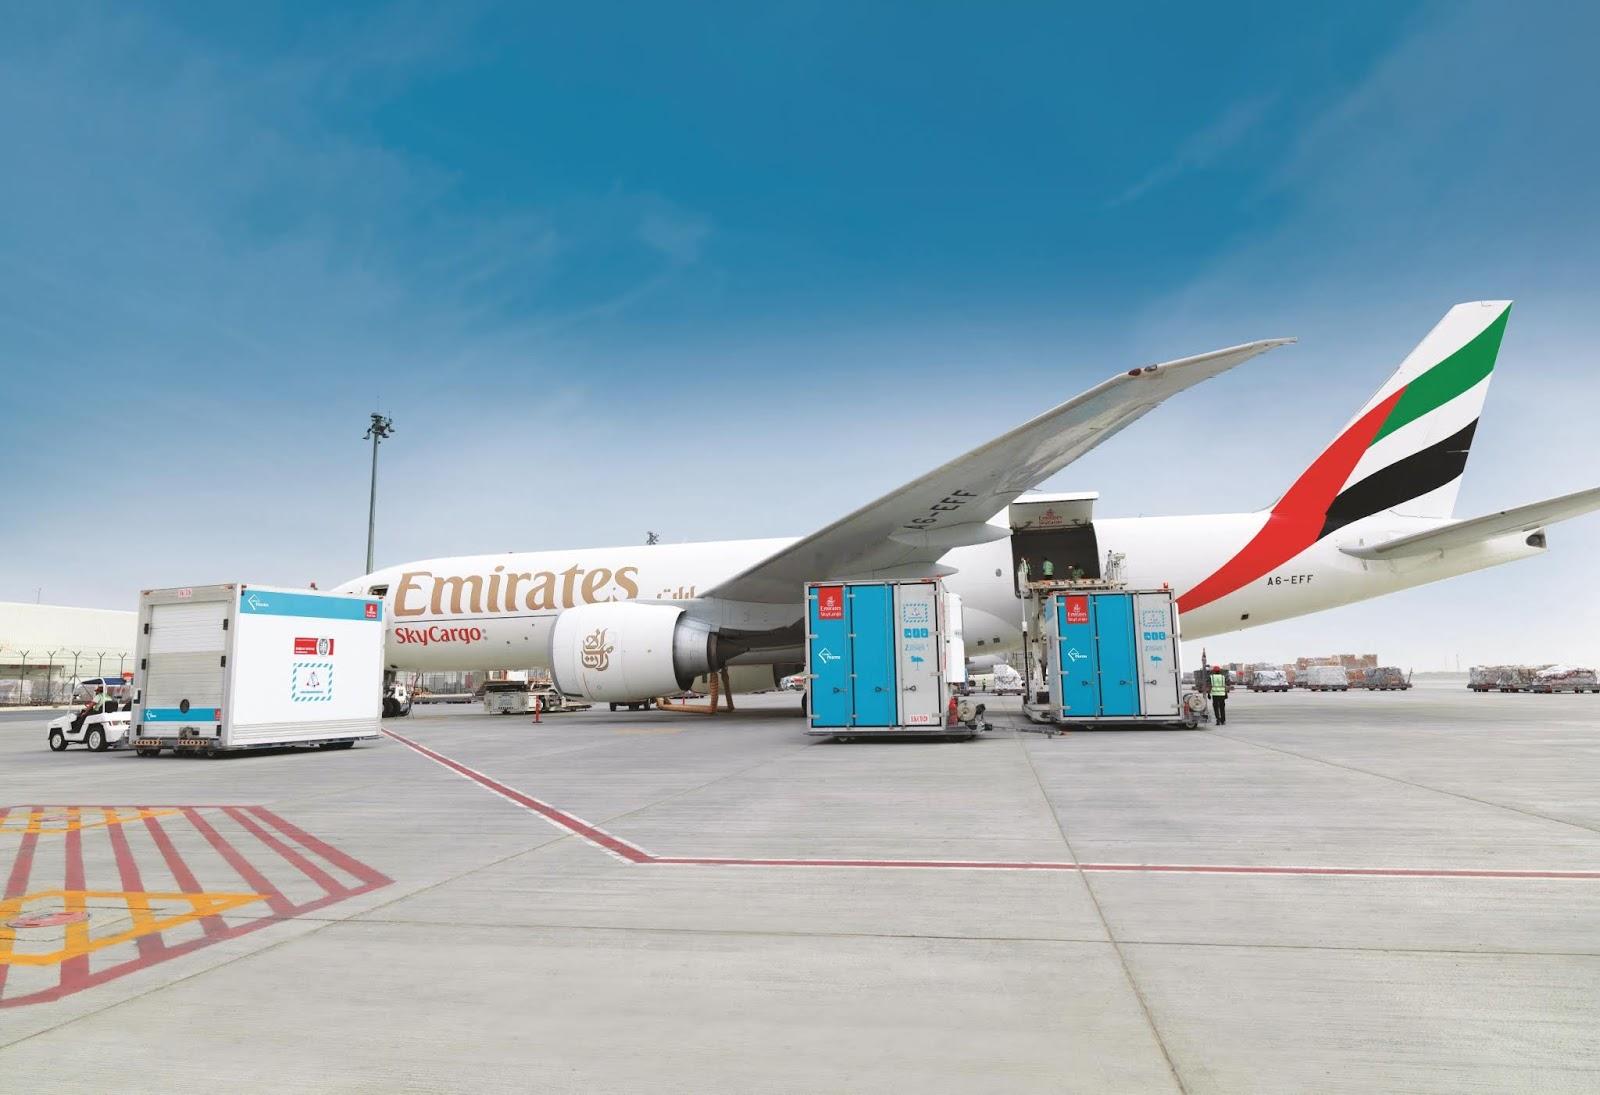 Emirates SkyCargo relata aumento no transporte de produtos perecíveis e farmacêuticos | É MAIS QUE VOAR